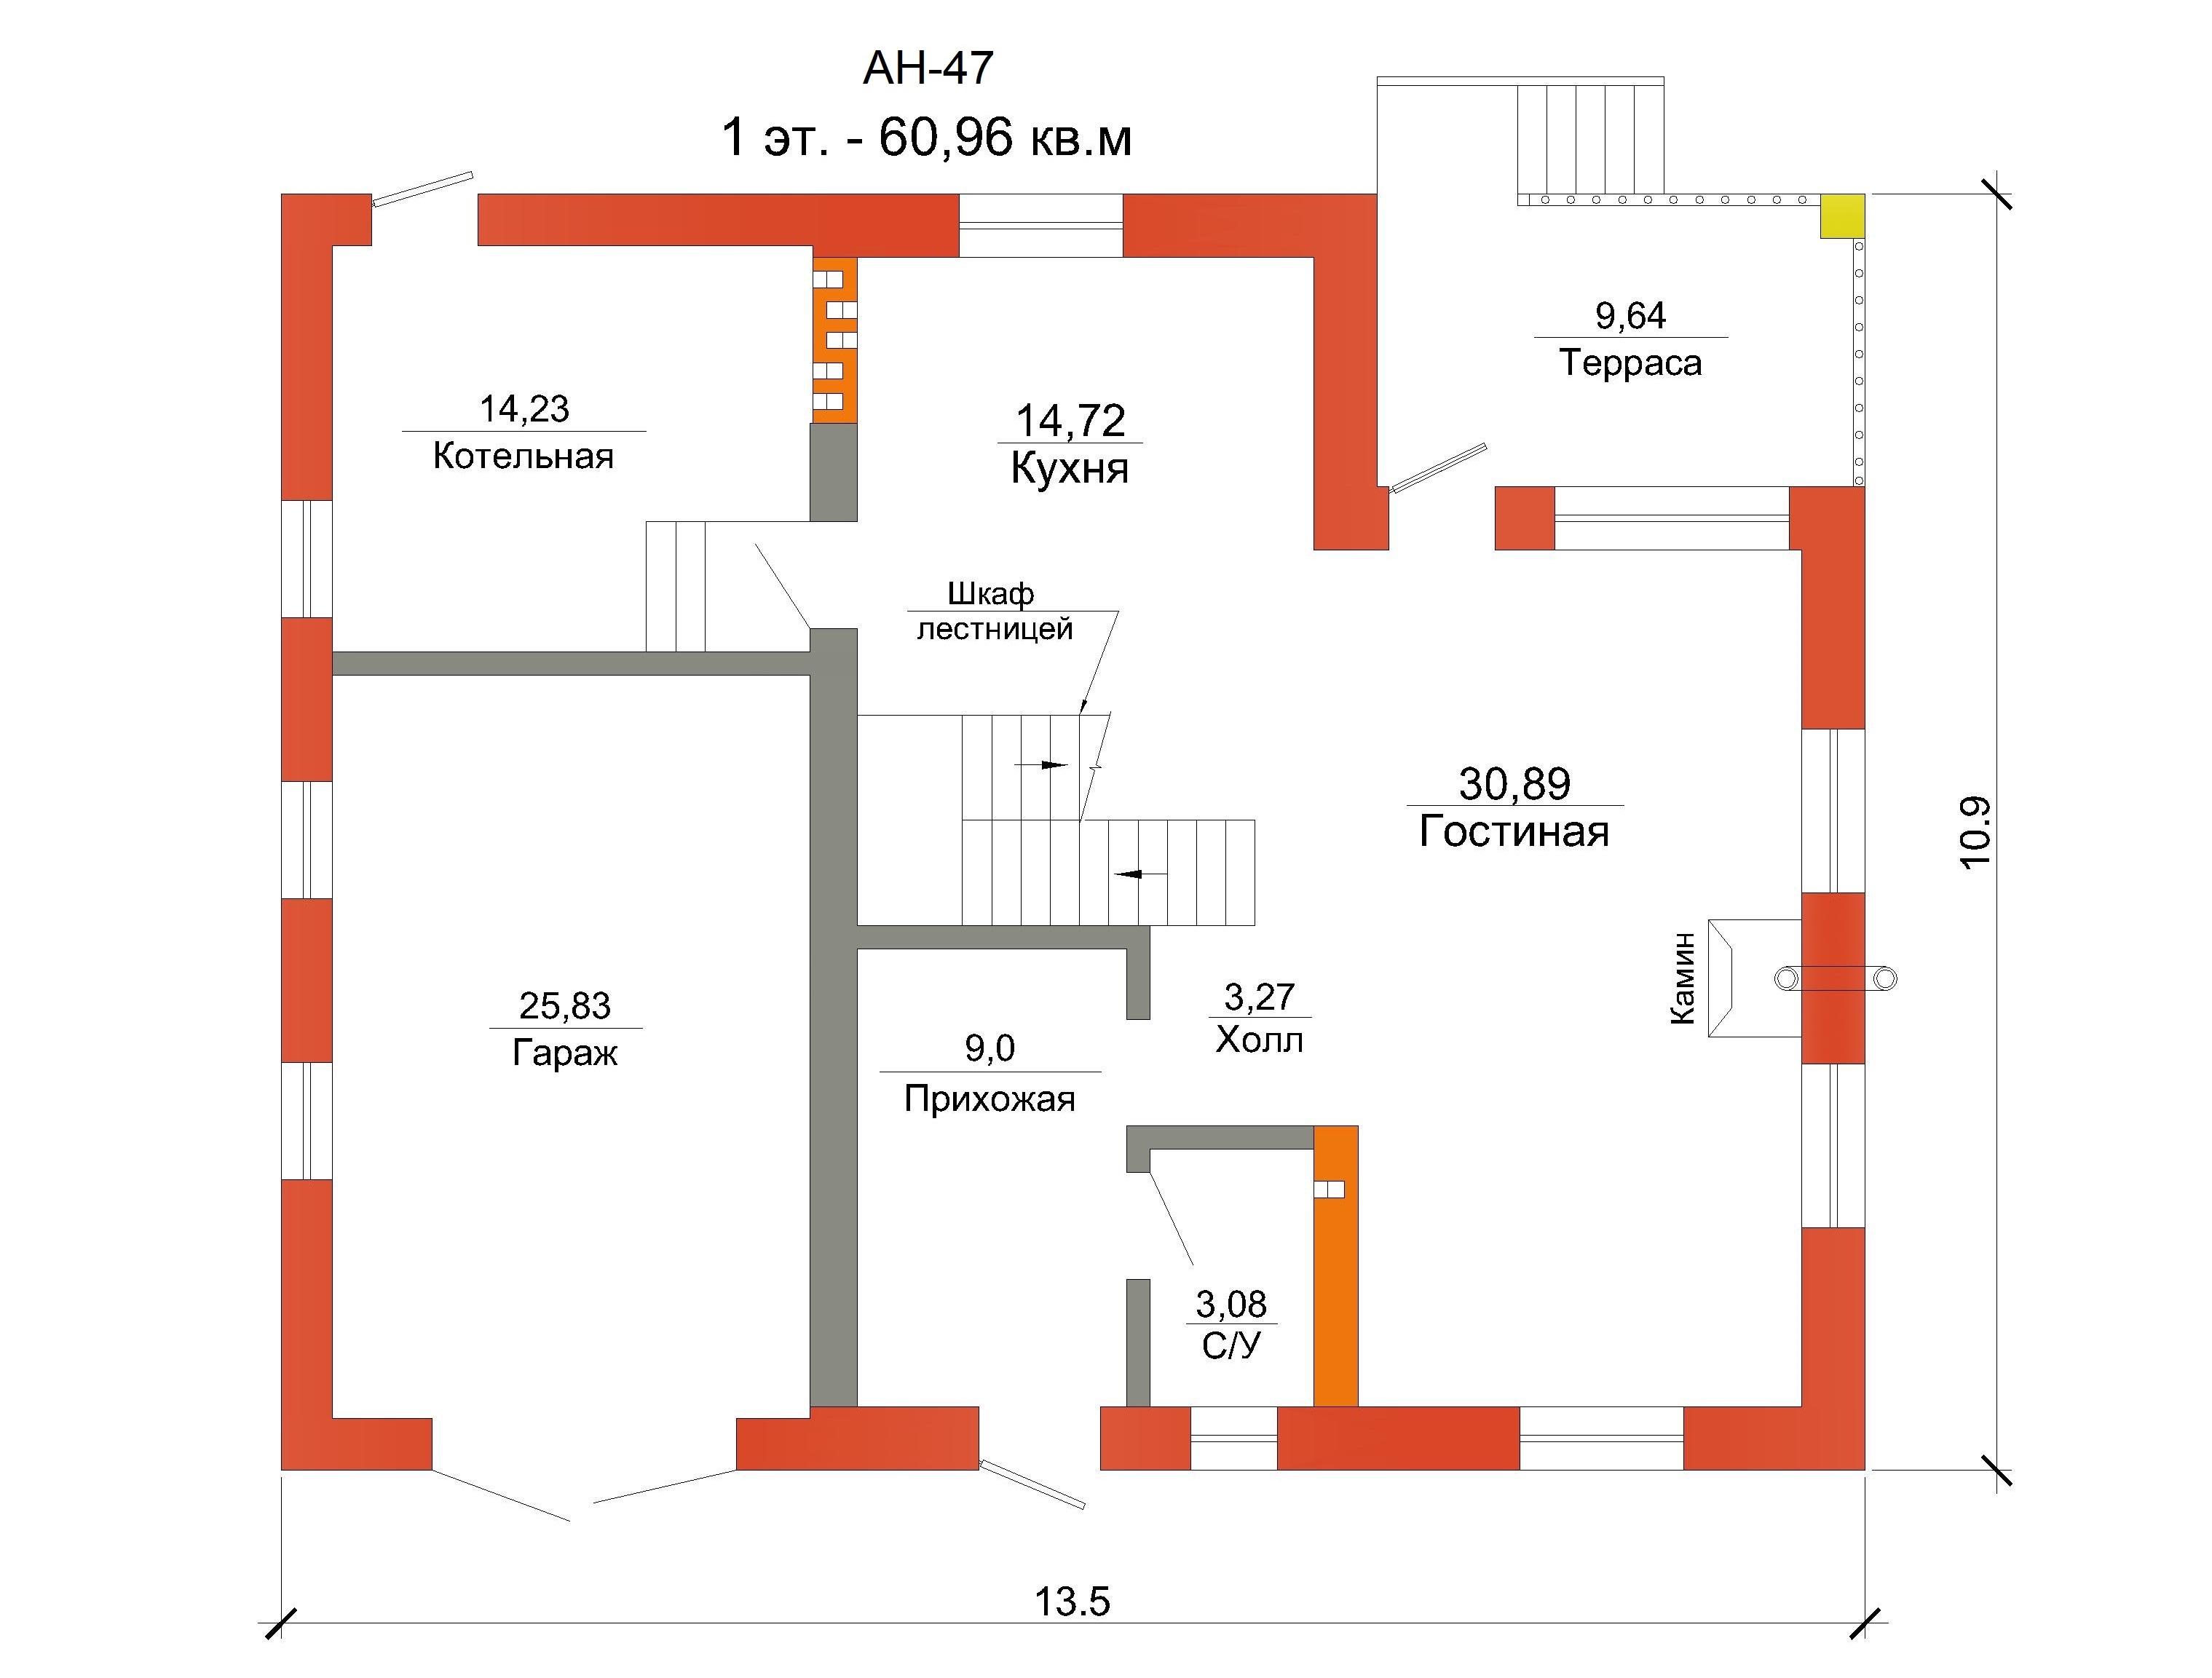 Готовый проект коттеджа 120 кв.м // Артикул AН-47 план